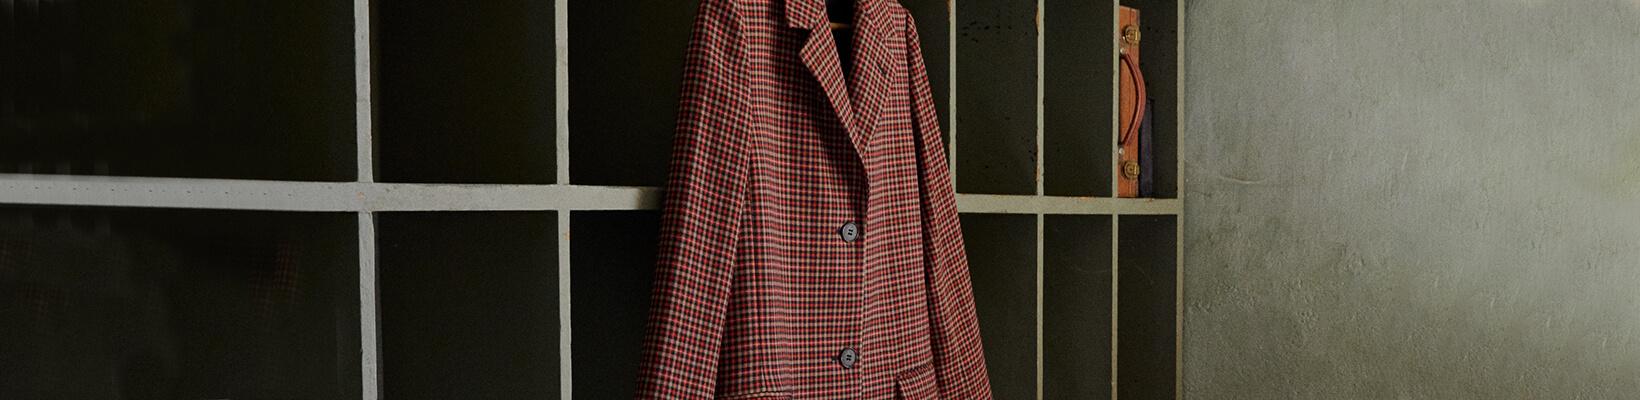 All coats